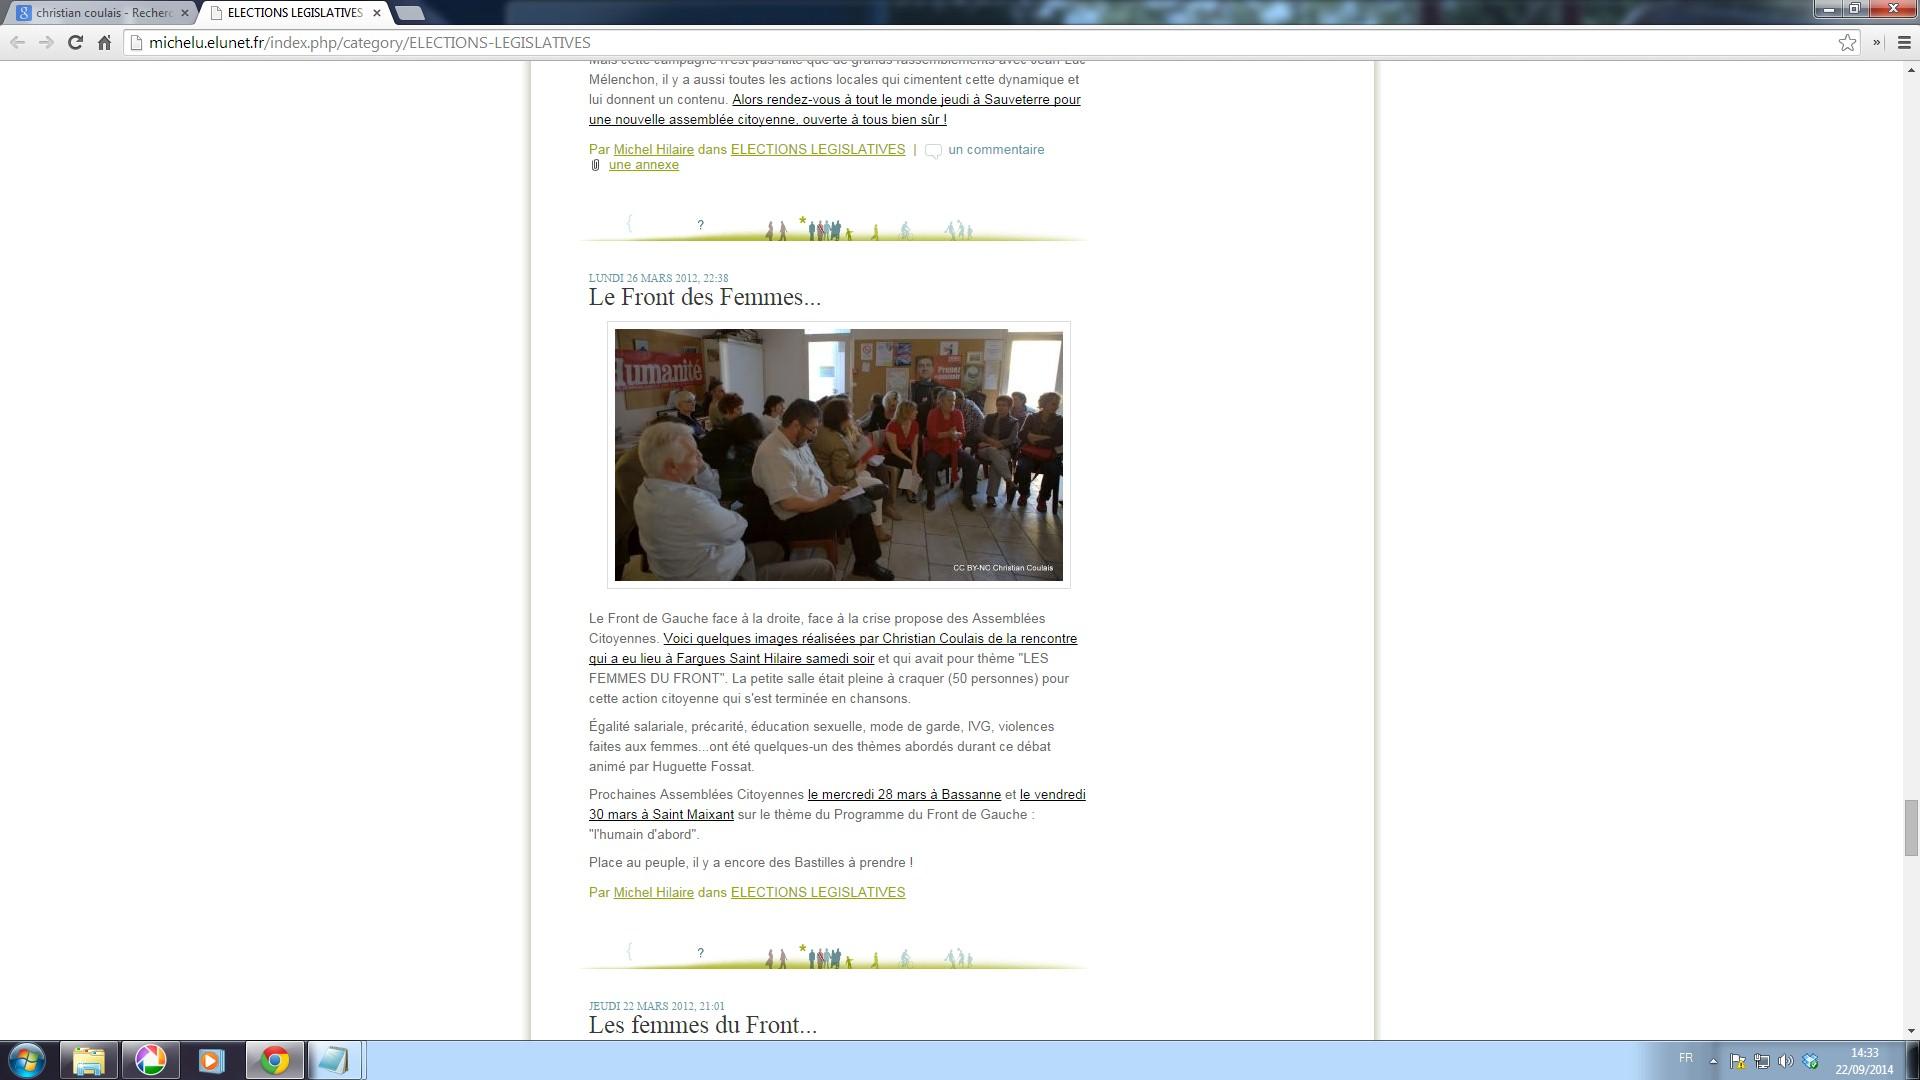 Blog de Michel Hilaire, 26 mars 2012